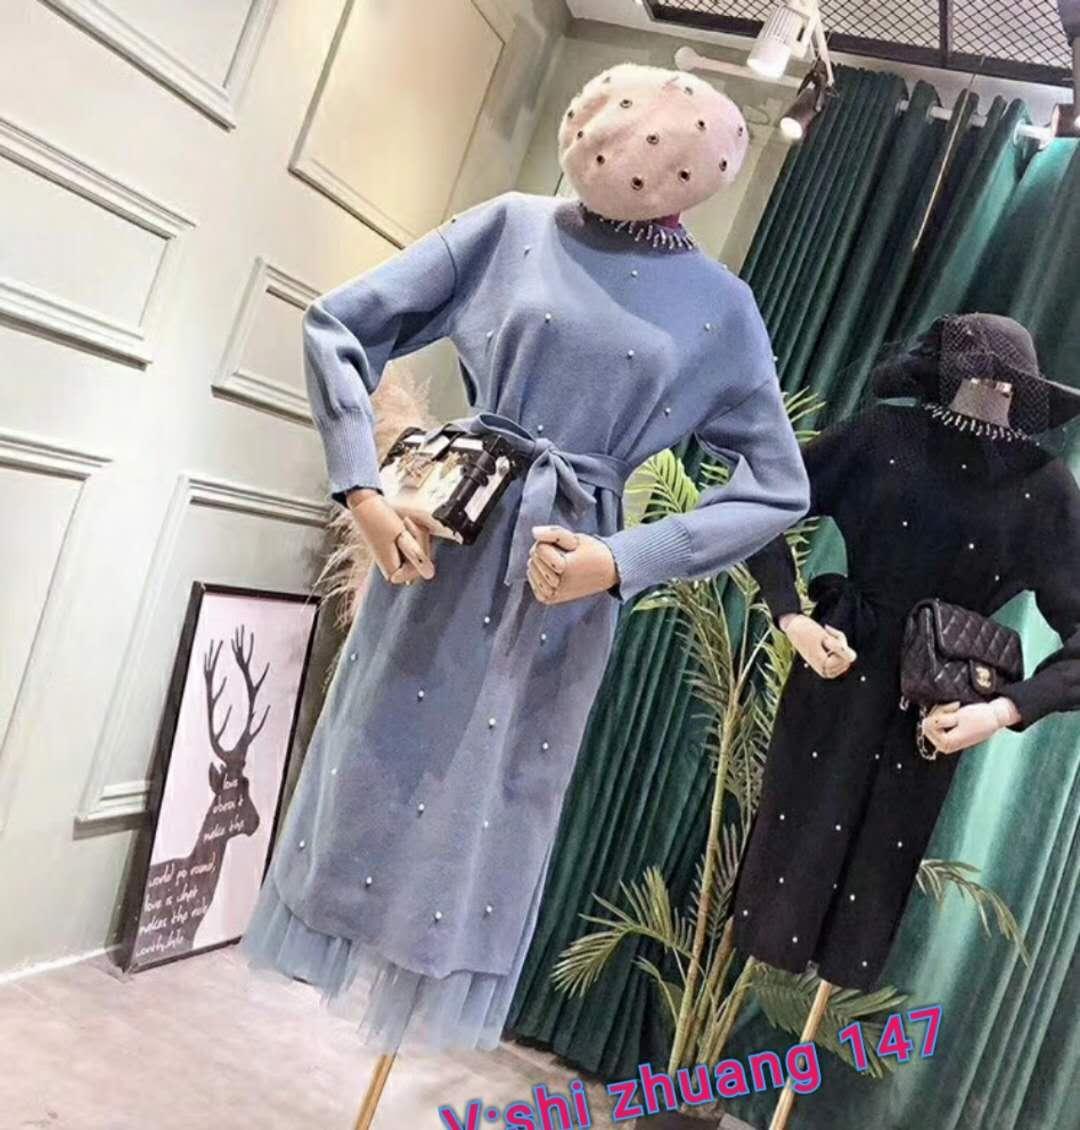 独家欧货女装批发零售一手货源,有专门的欧货女装网站吗?